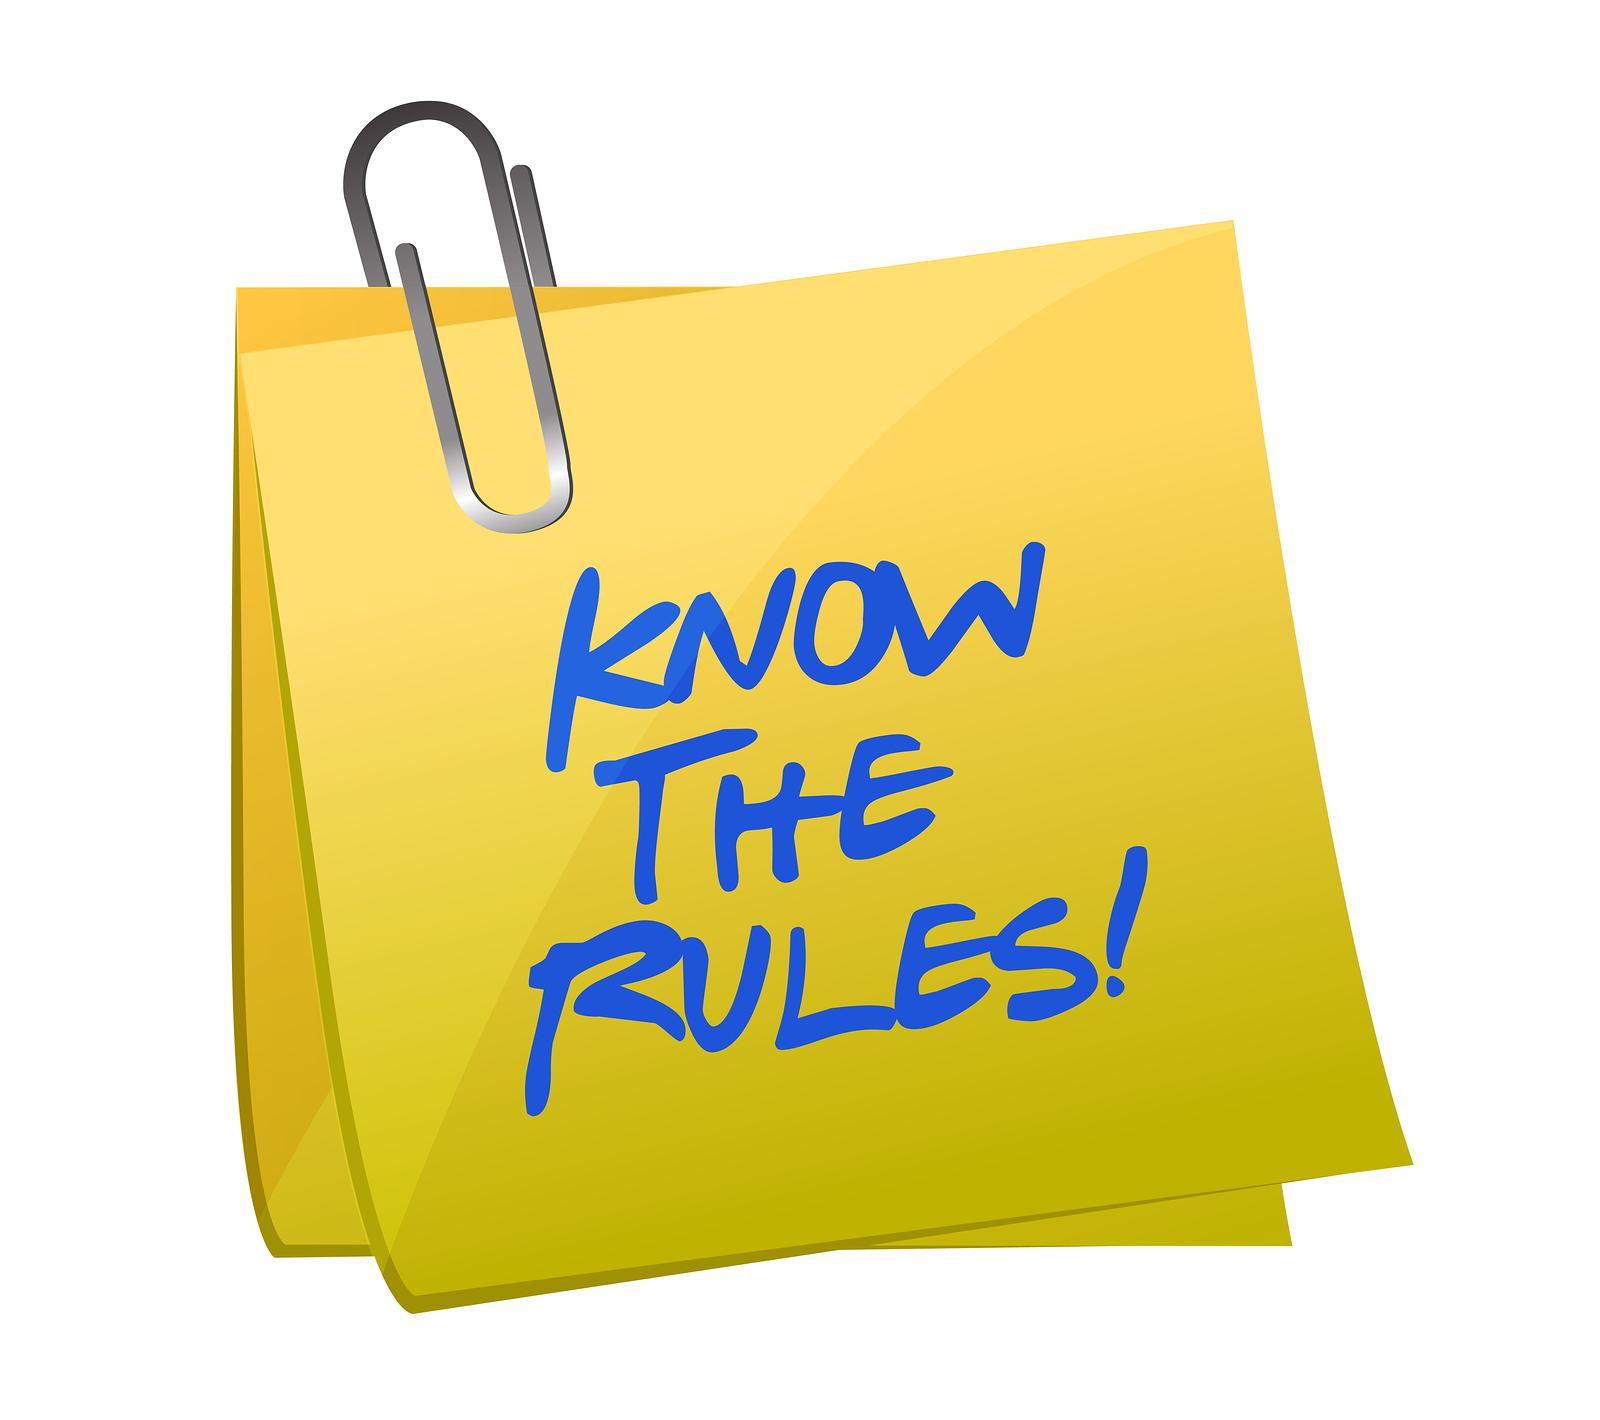 Κανονισμός Λειτουργίας Δημοσίων ΙΕΚ